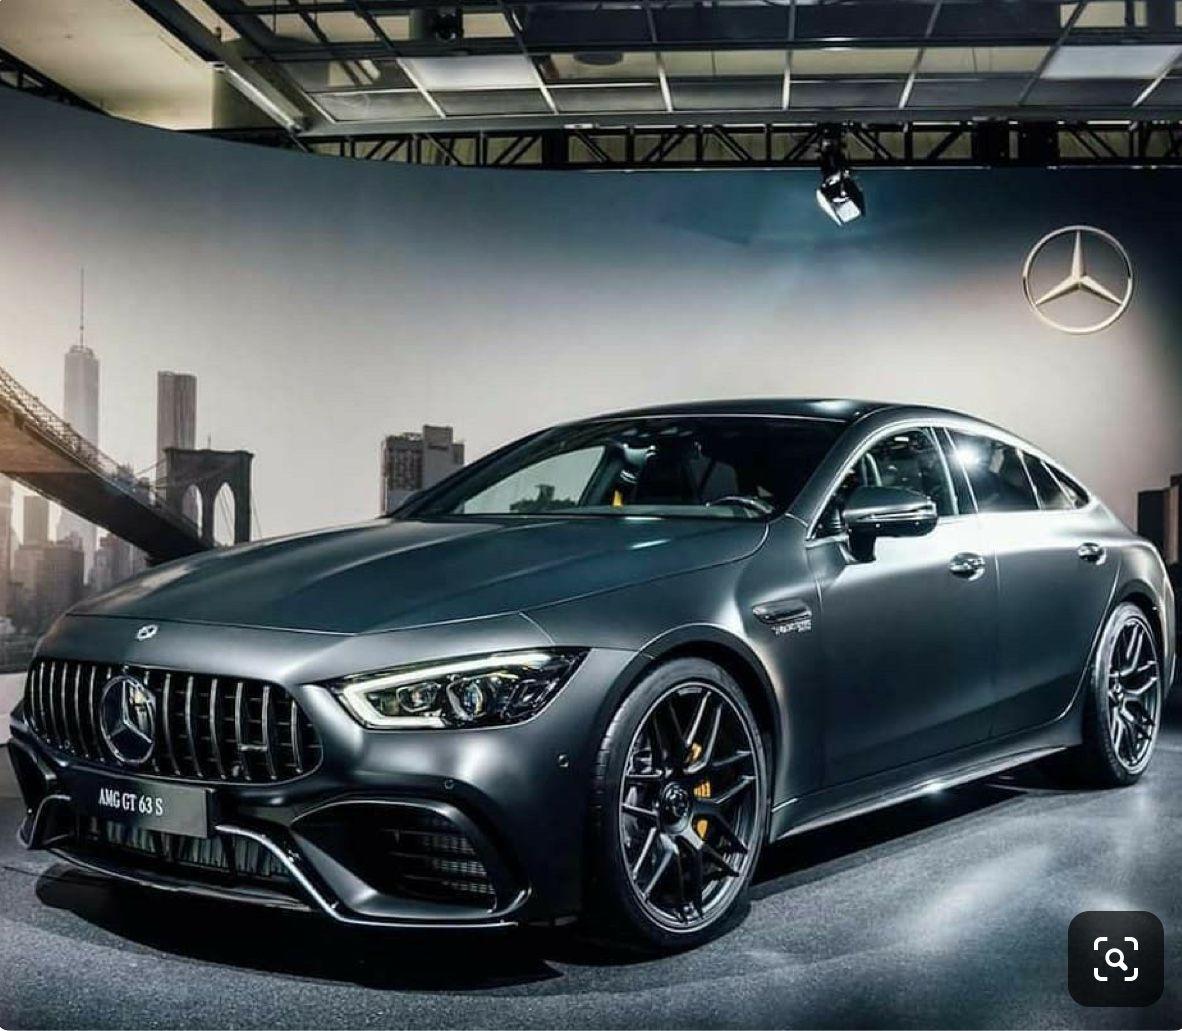 Mercedes Amg X290 Gt 63 S 4 Door Coupe Super Luxury Cars